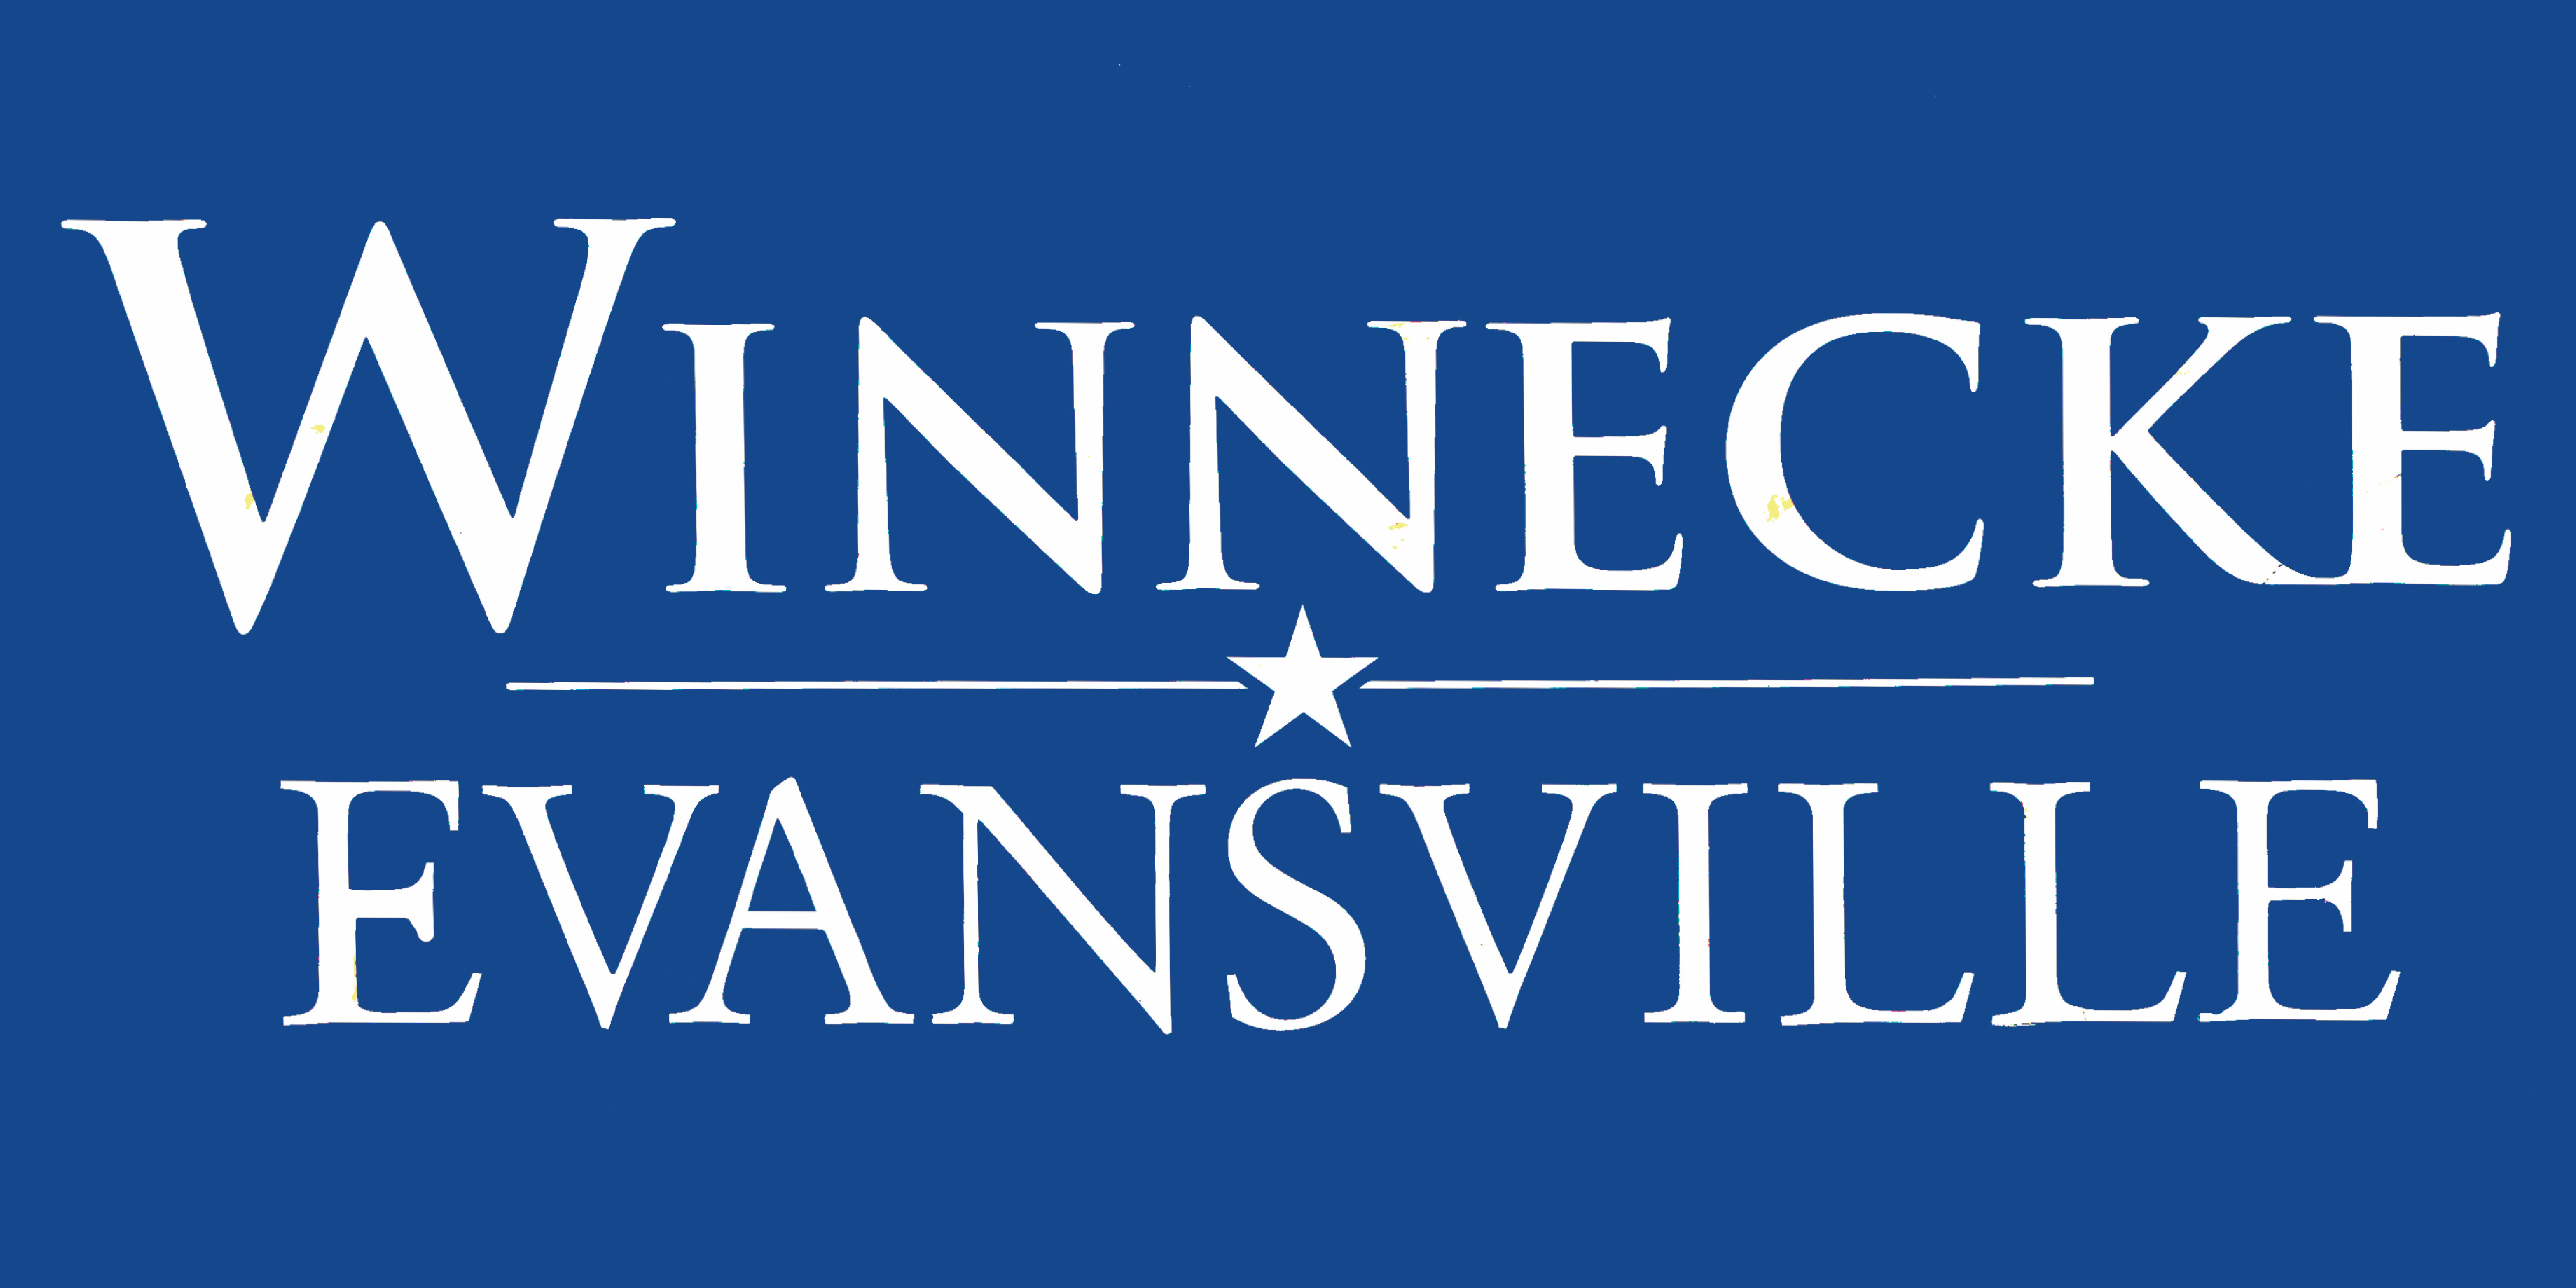 Mayor-Winnecke